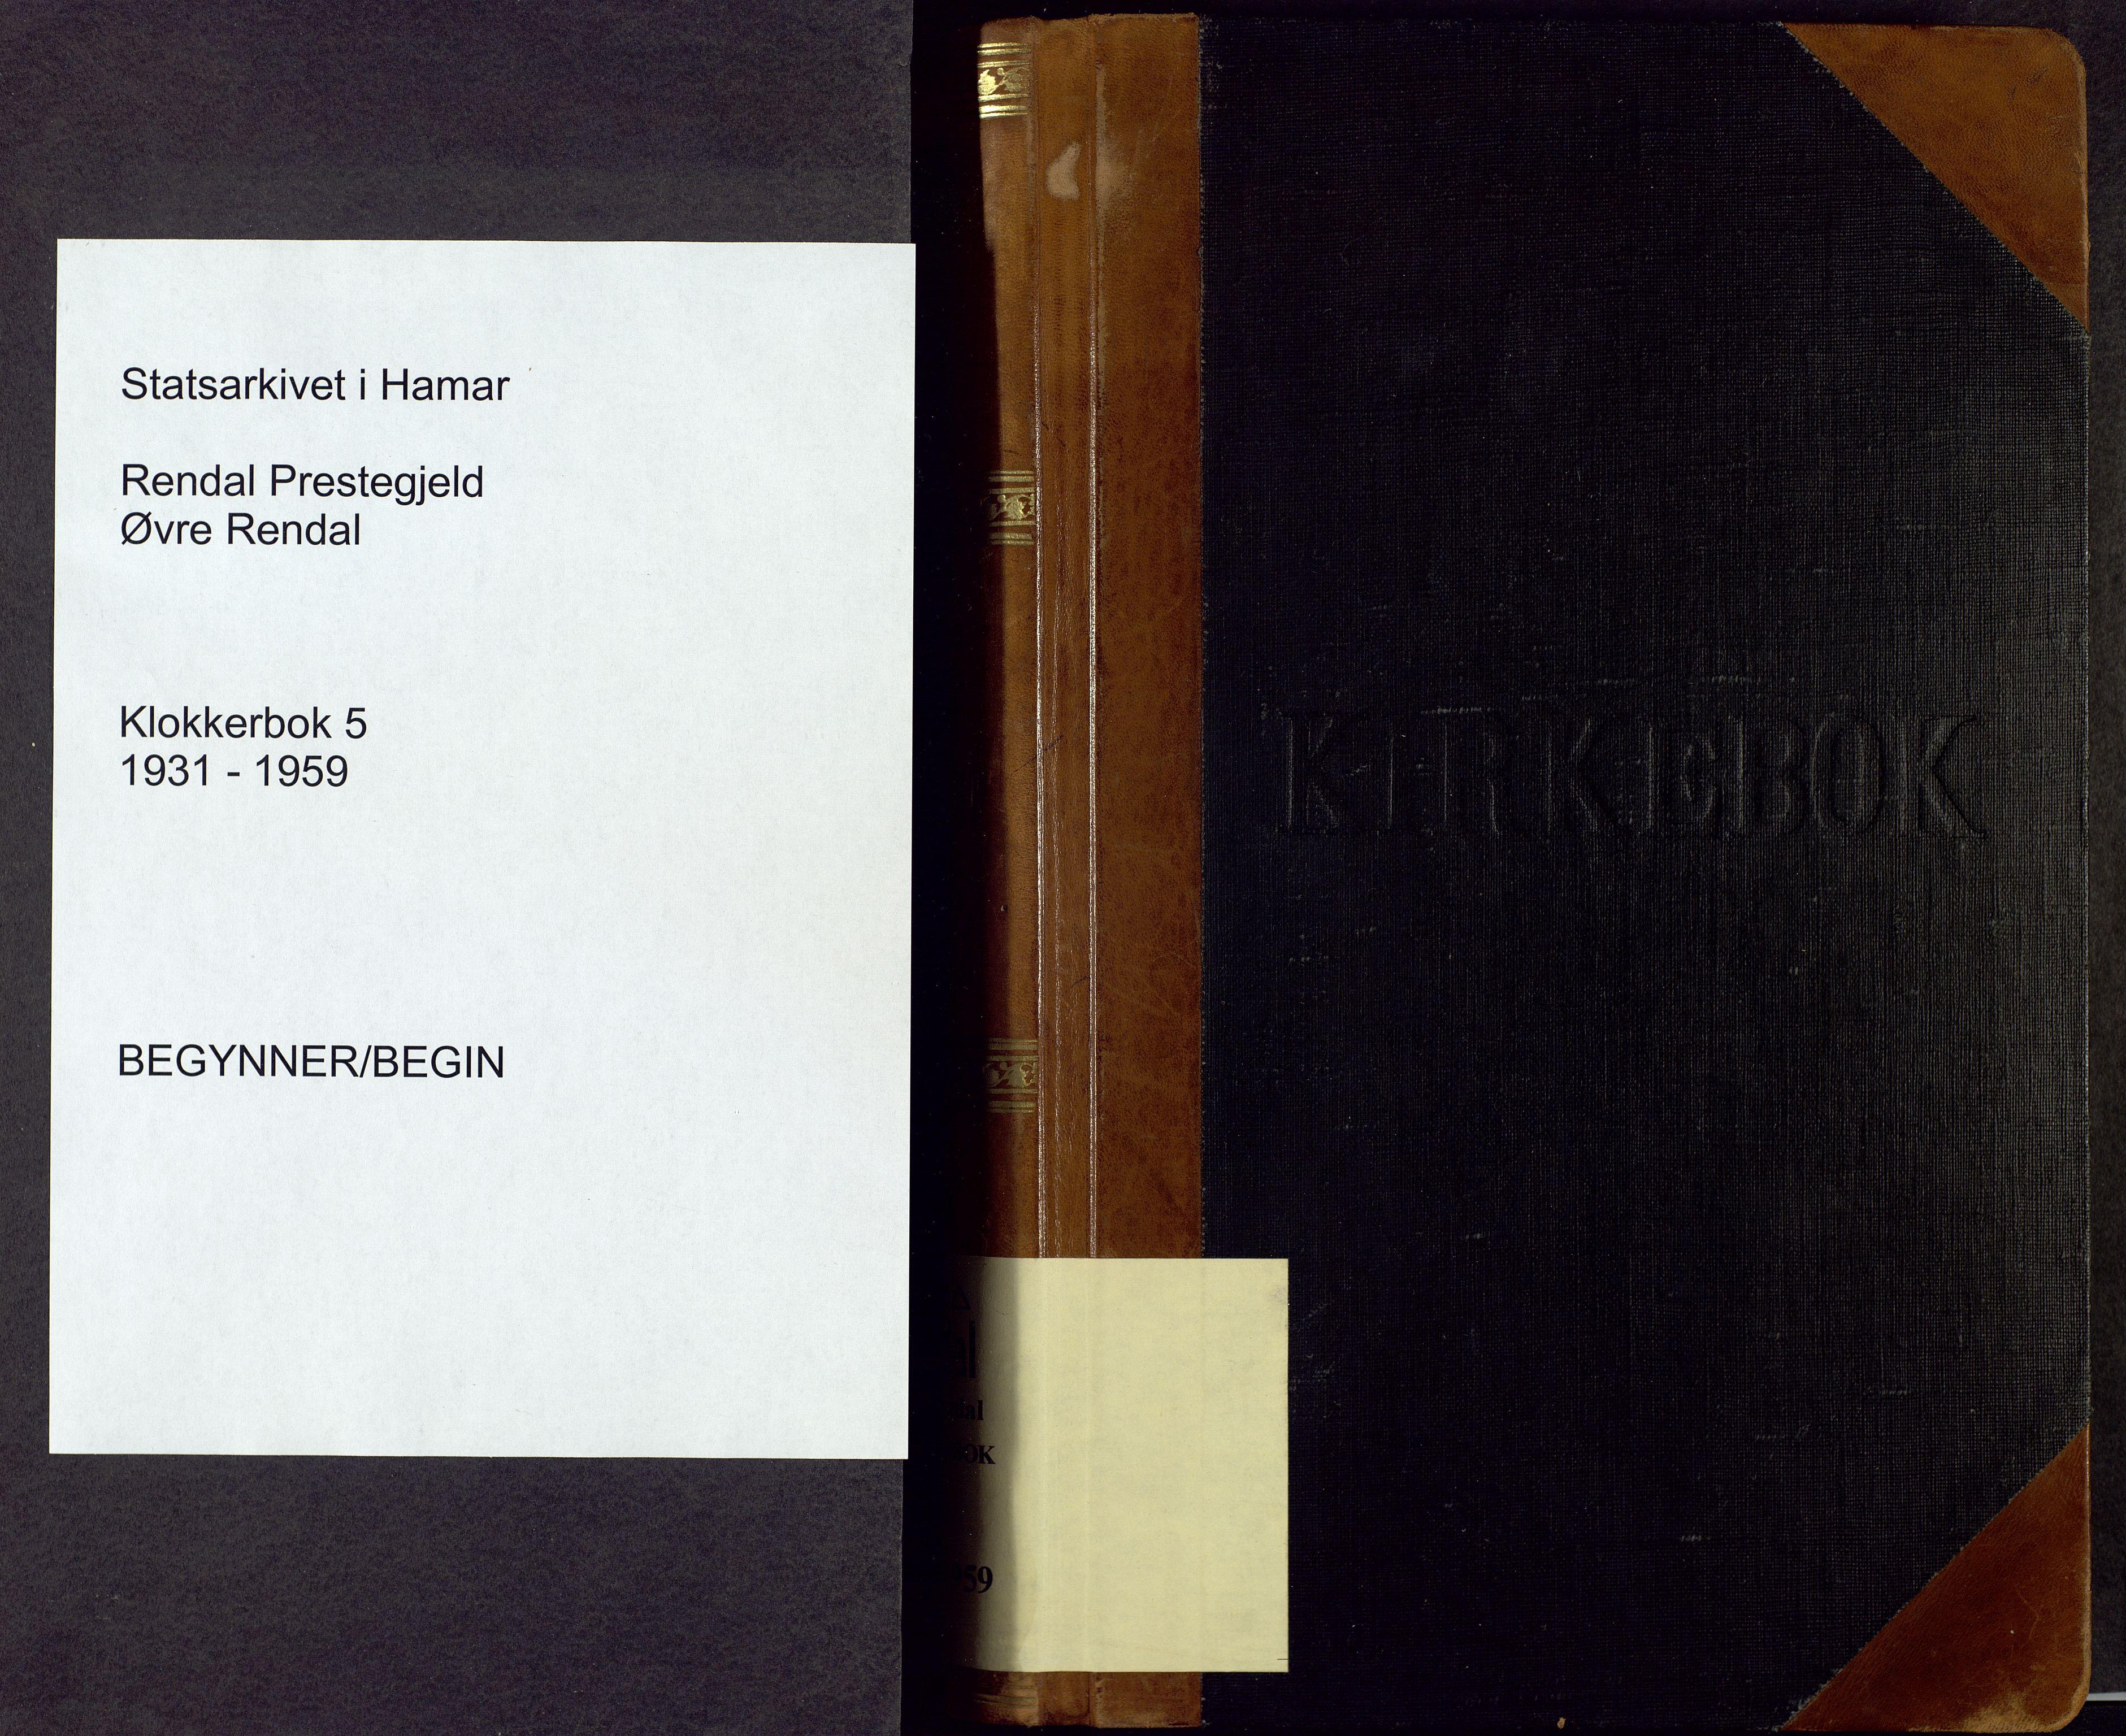 SAH, Rendalen prestekontor, H/Ha/Hab/L0005: Klokkerbok nr. 5, 1931-1959